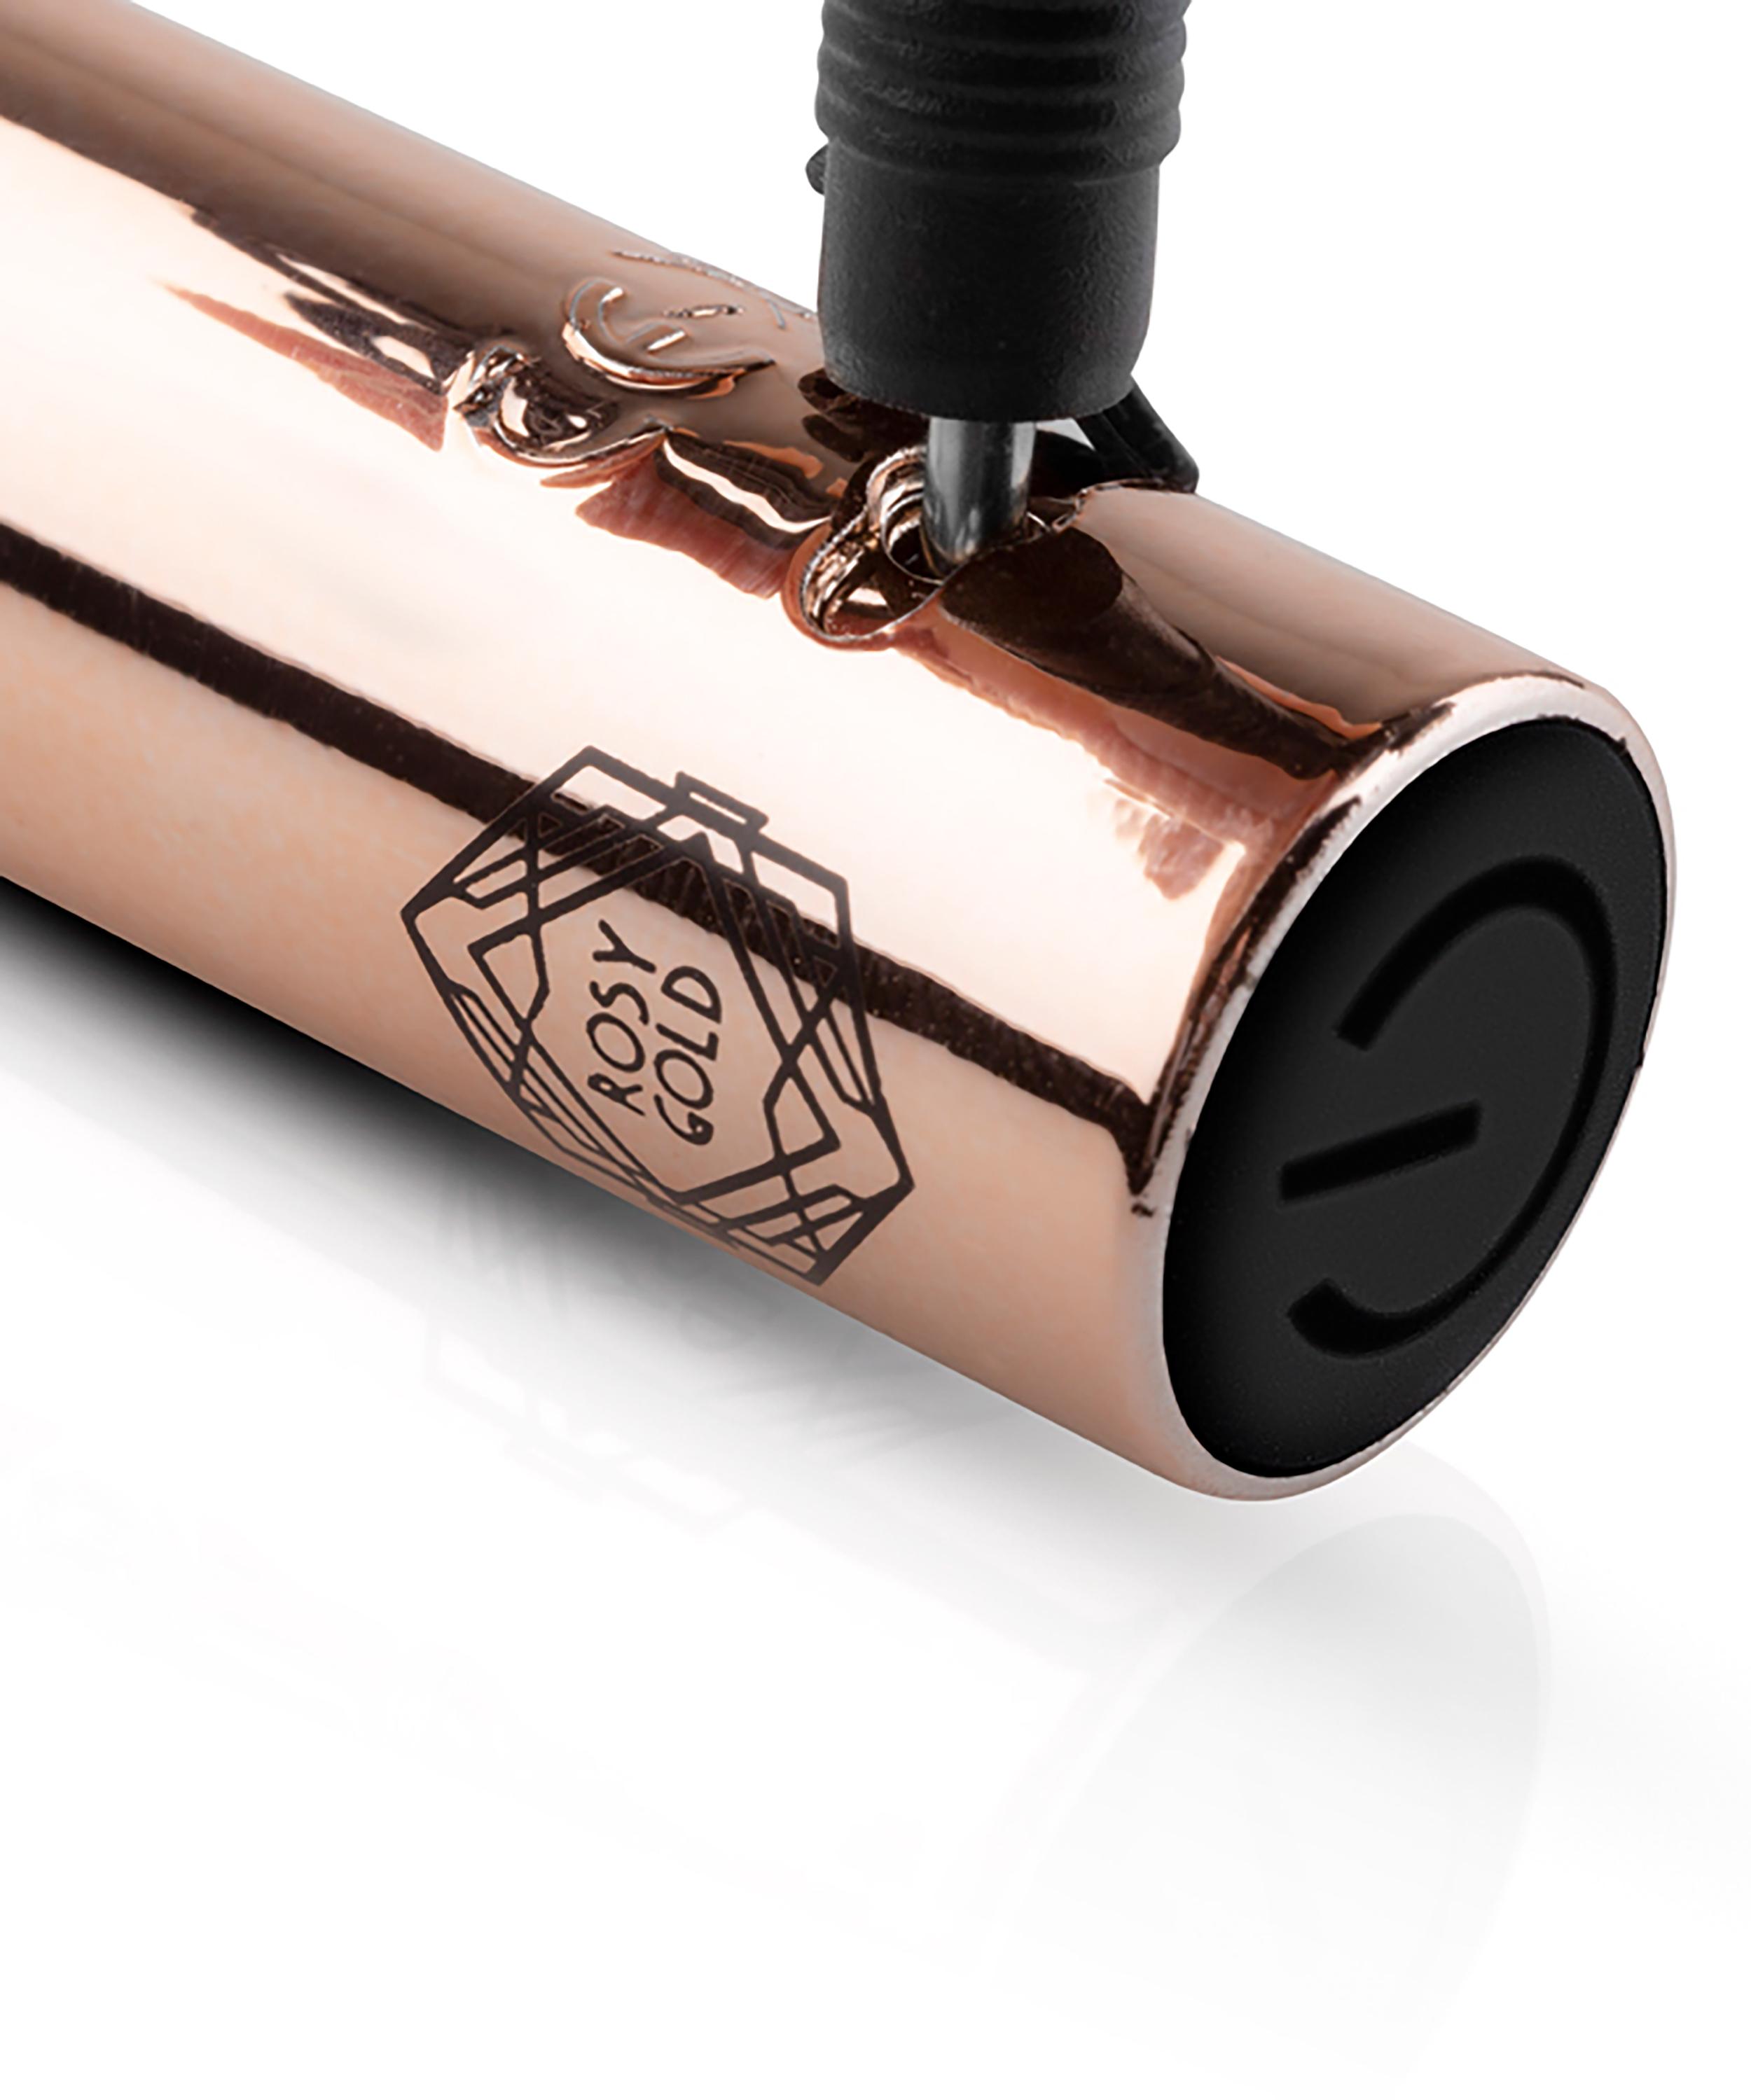 Rosy Gold Nouveau G-spot Vibrator, Rose, main